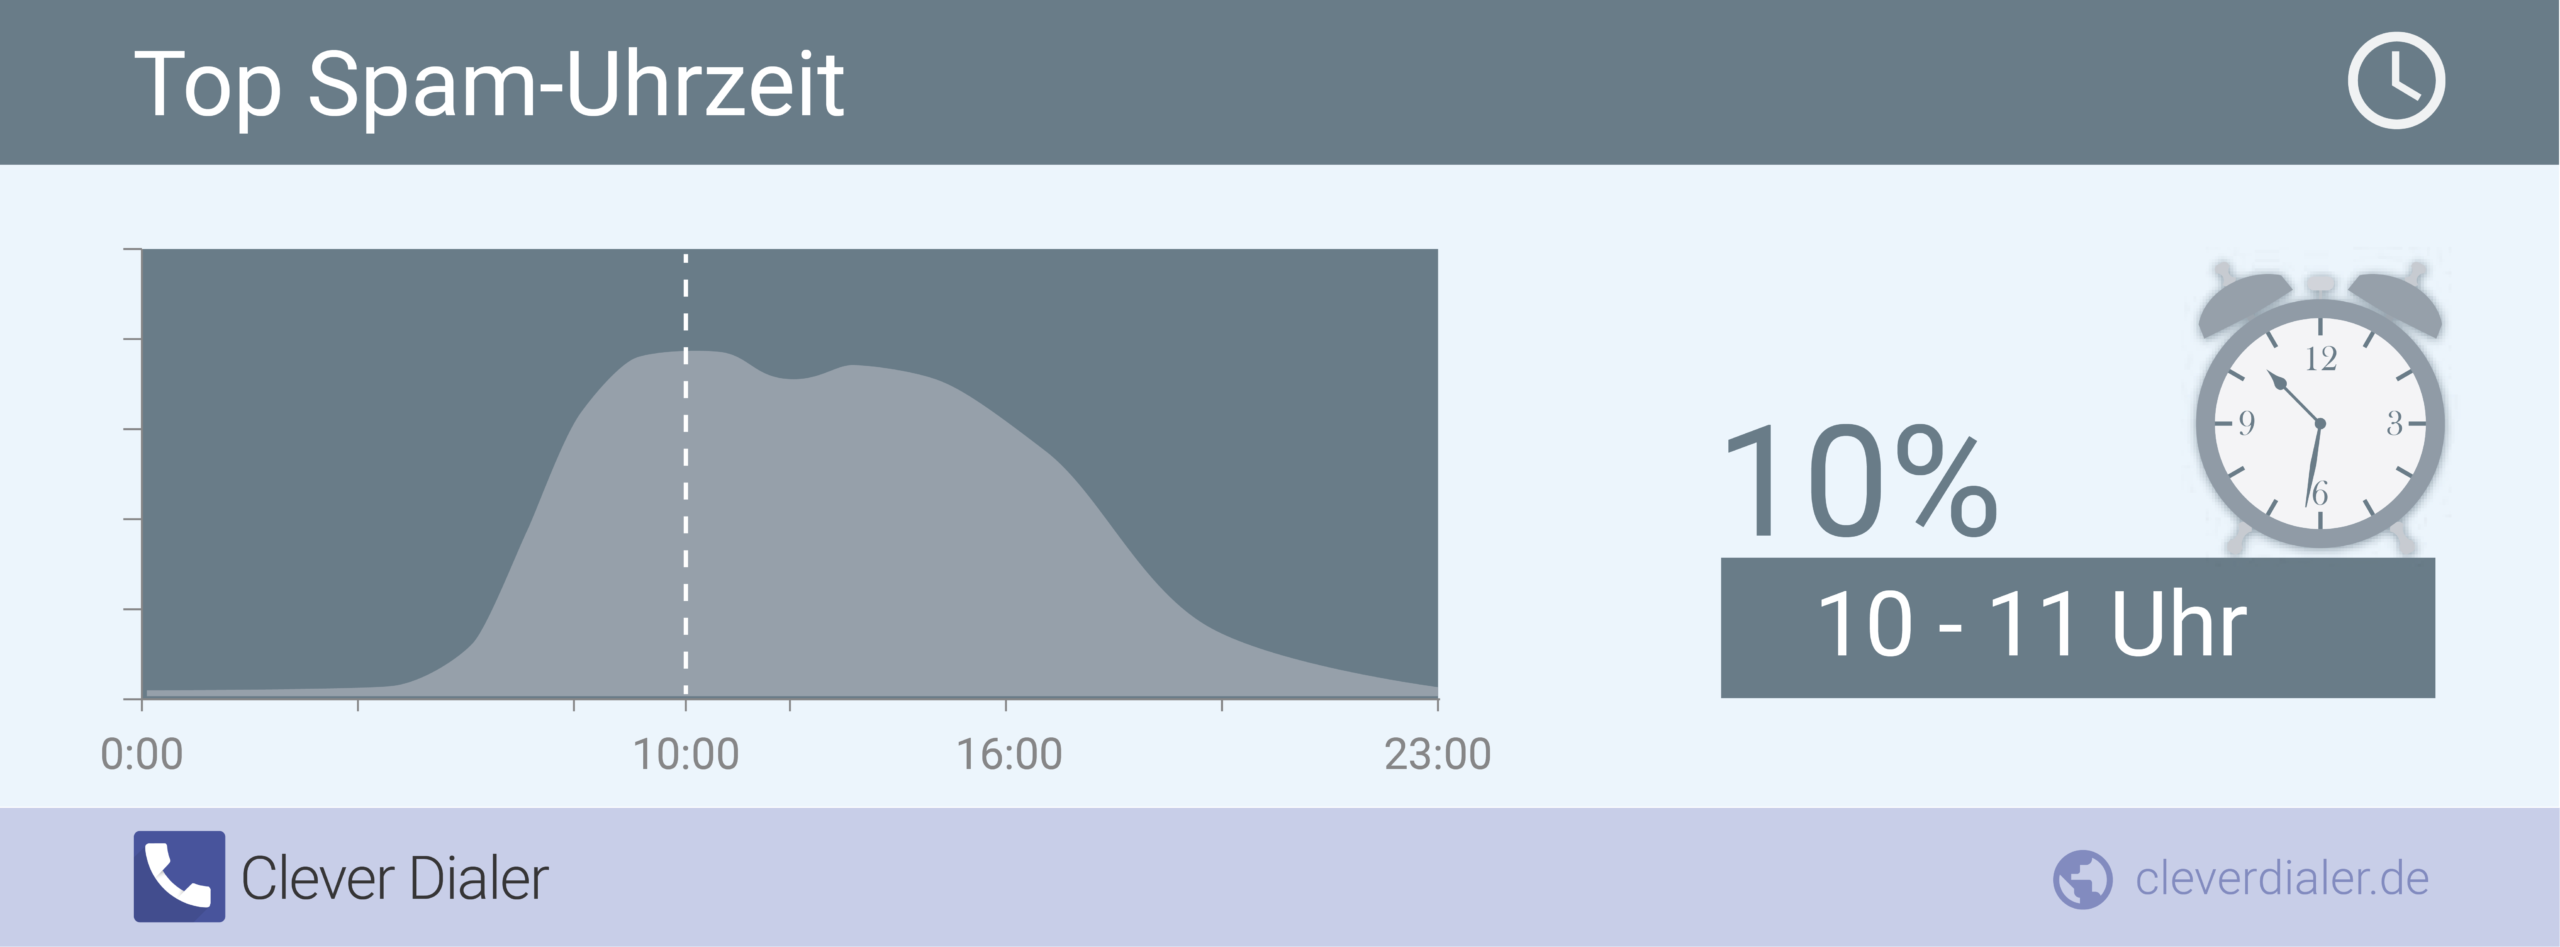 Top-Spam-Uhrzeiten in Deutschland